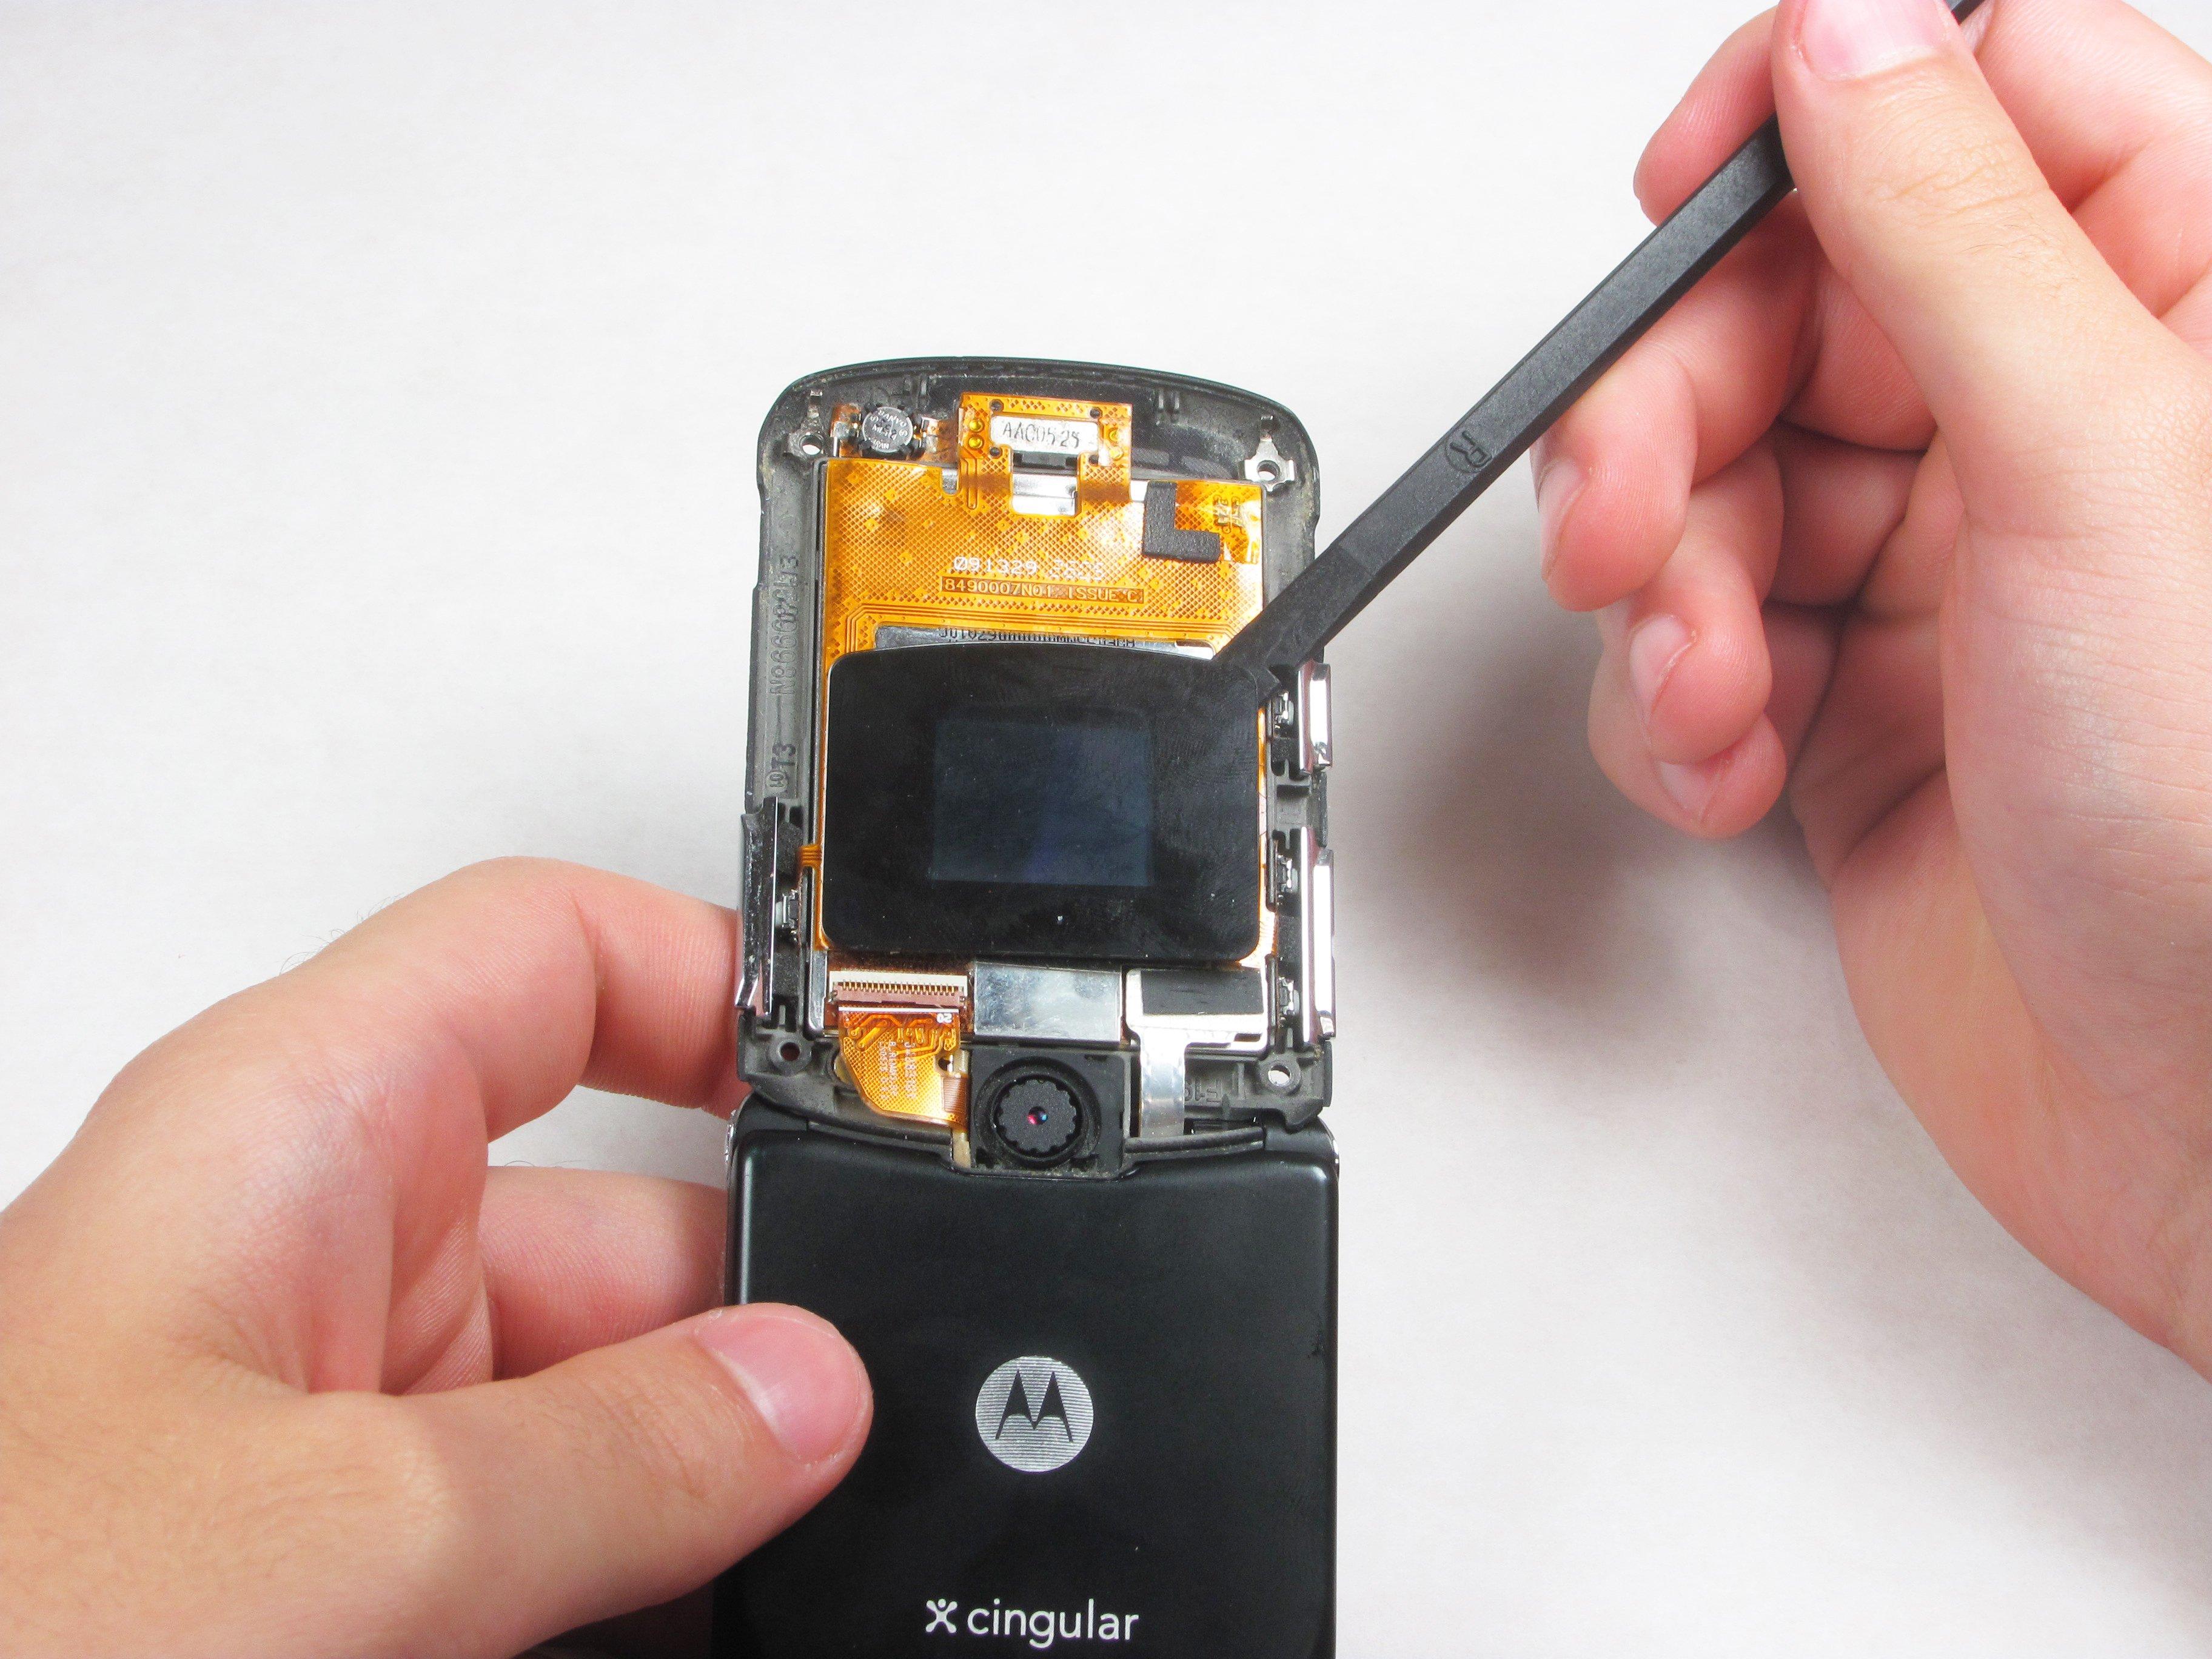 Motorola Razr V3 Lcd Screens And Call Speaker Replacement Ifixit Repair Guide